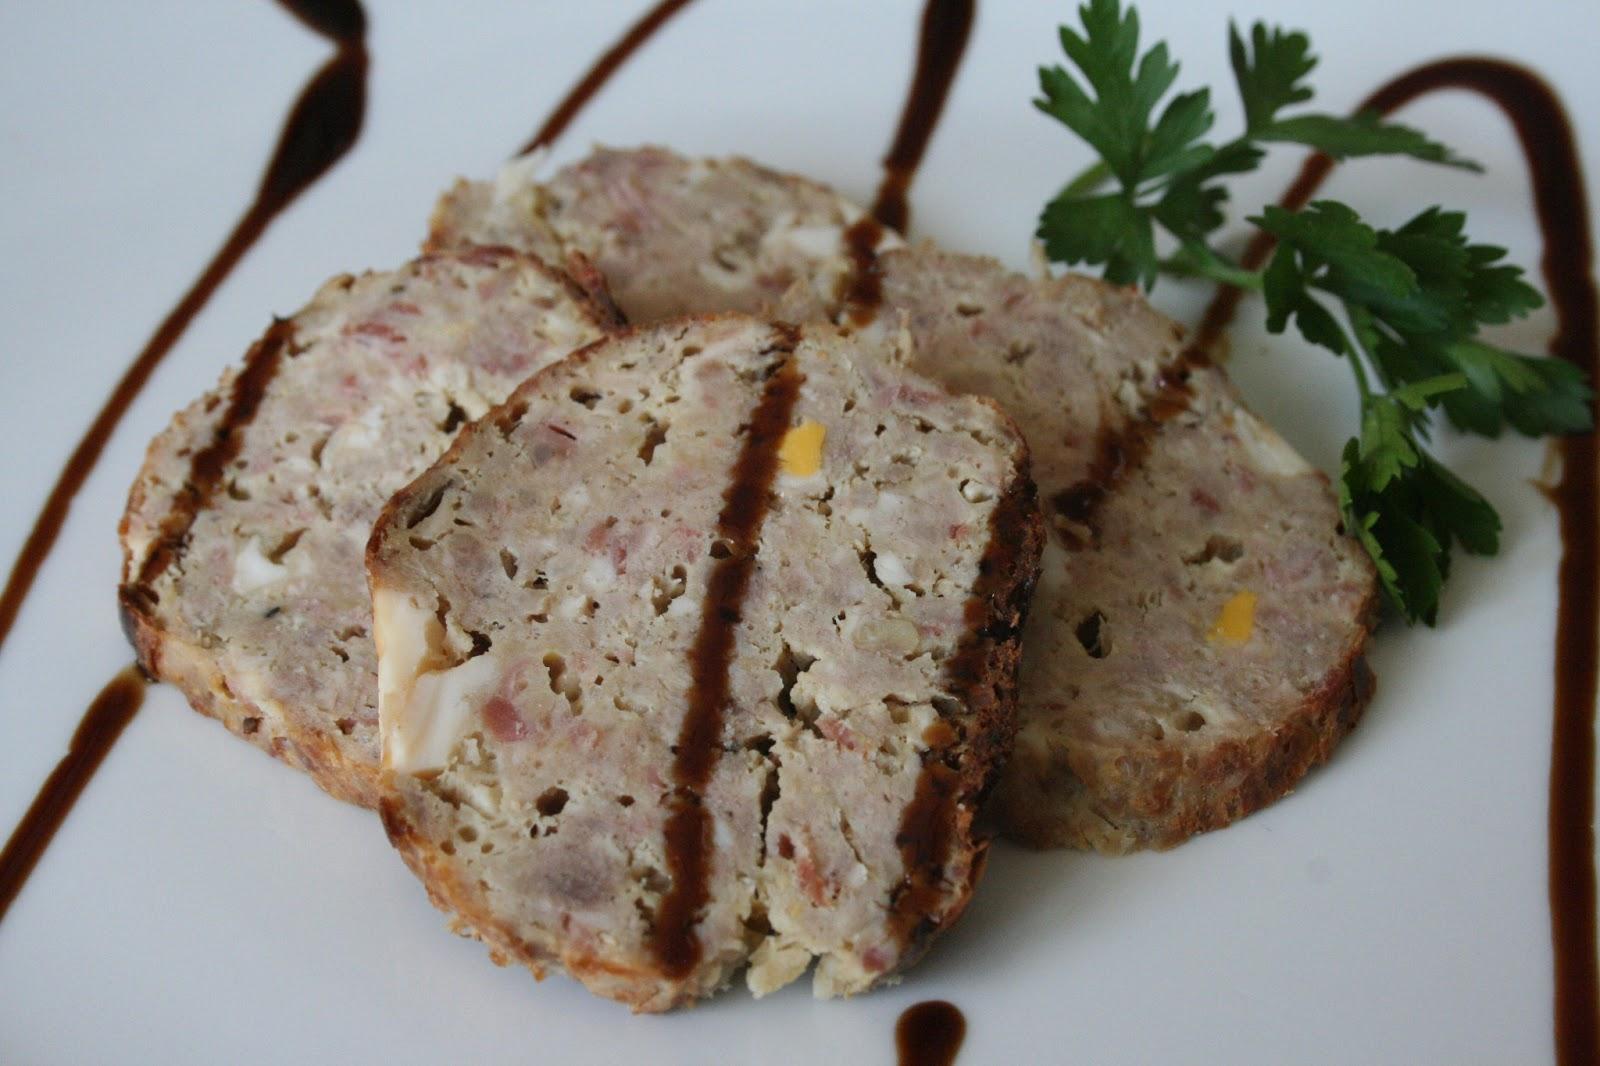 Aprendiendo a cocinar rollo de carne picada - Que cocinar con carne picada ...